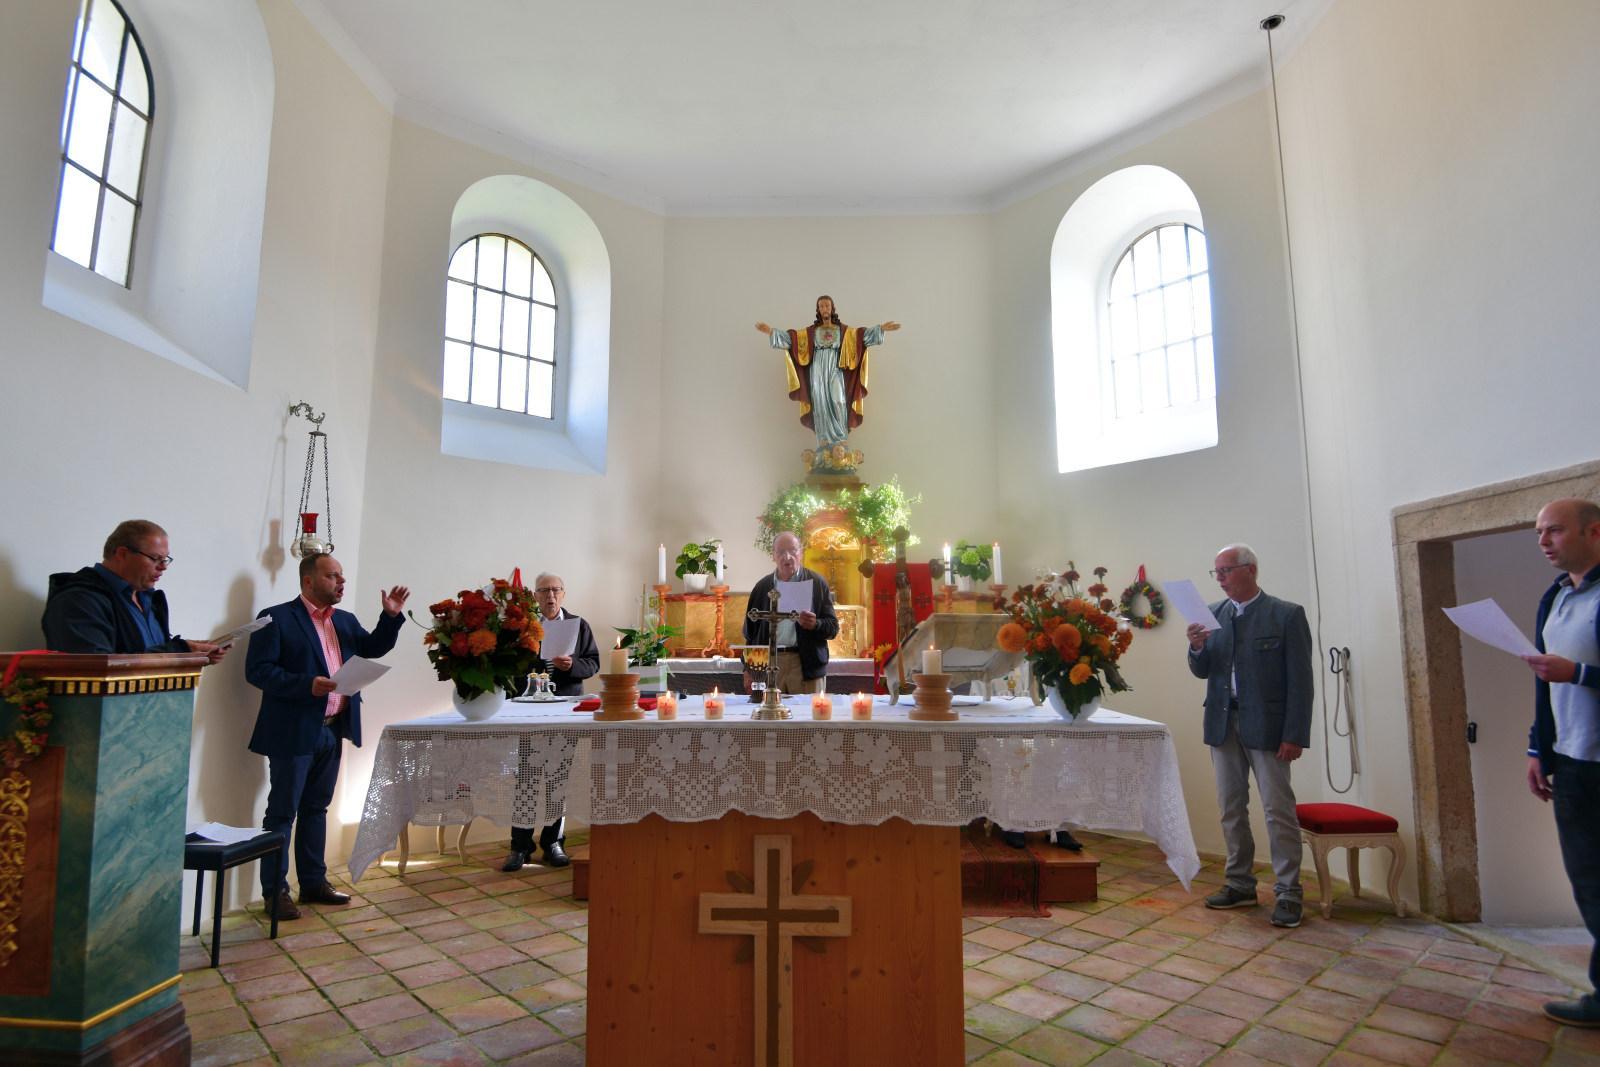 Klausenkirche 4